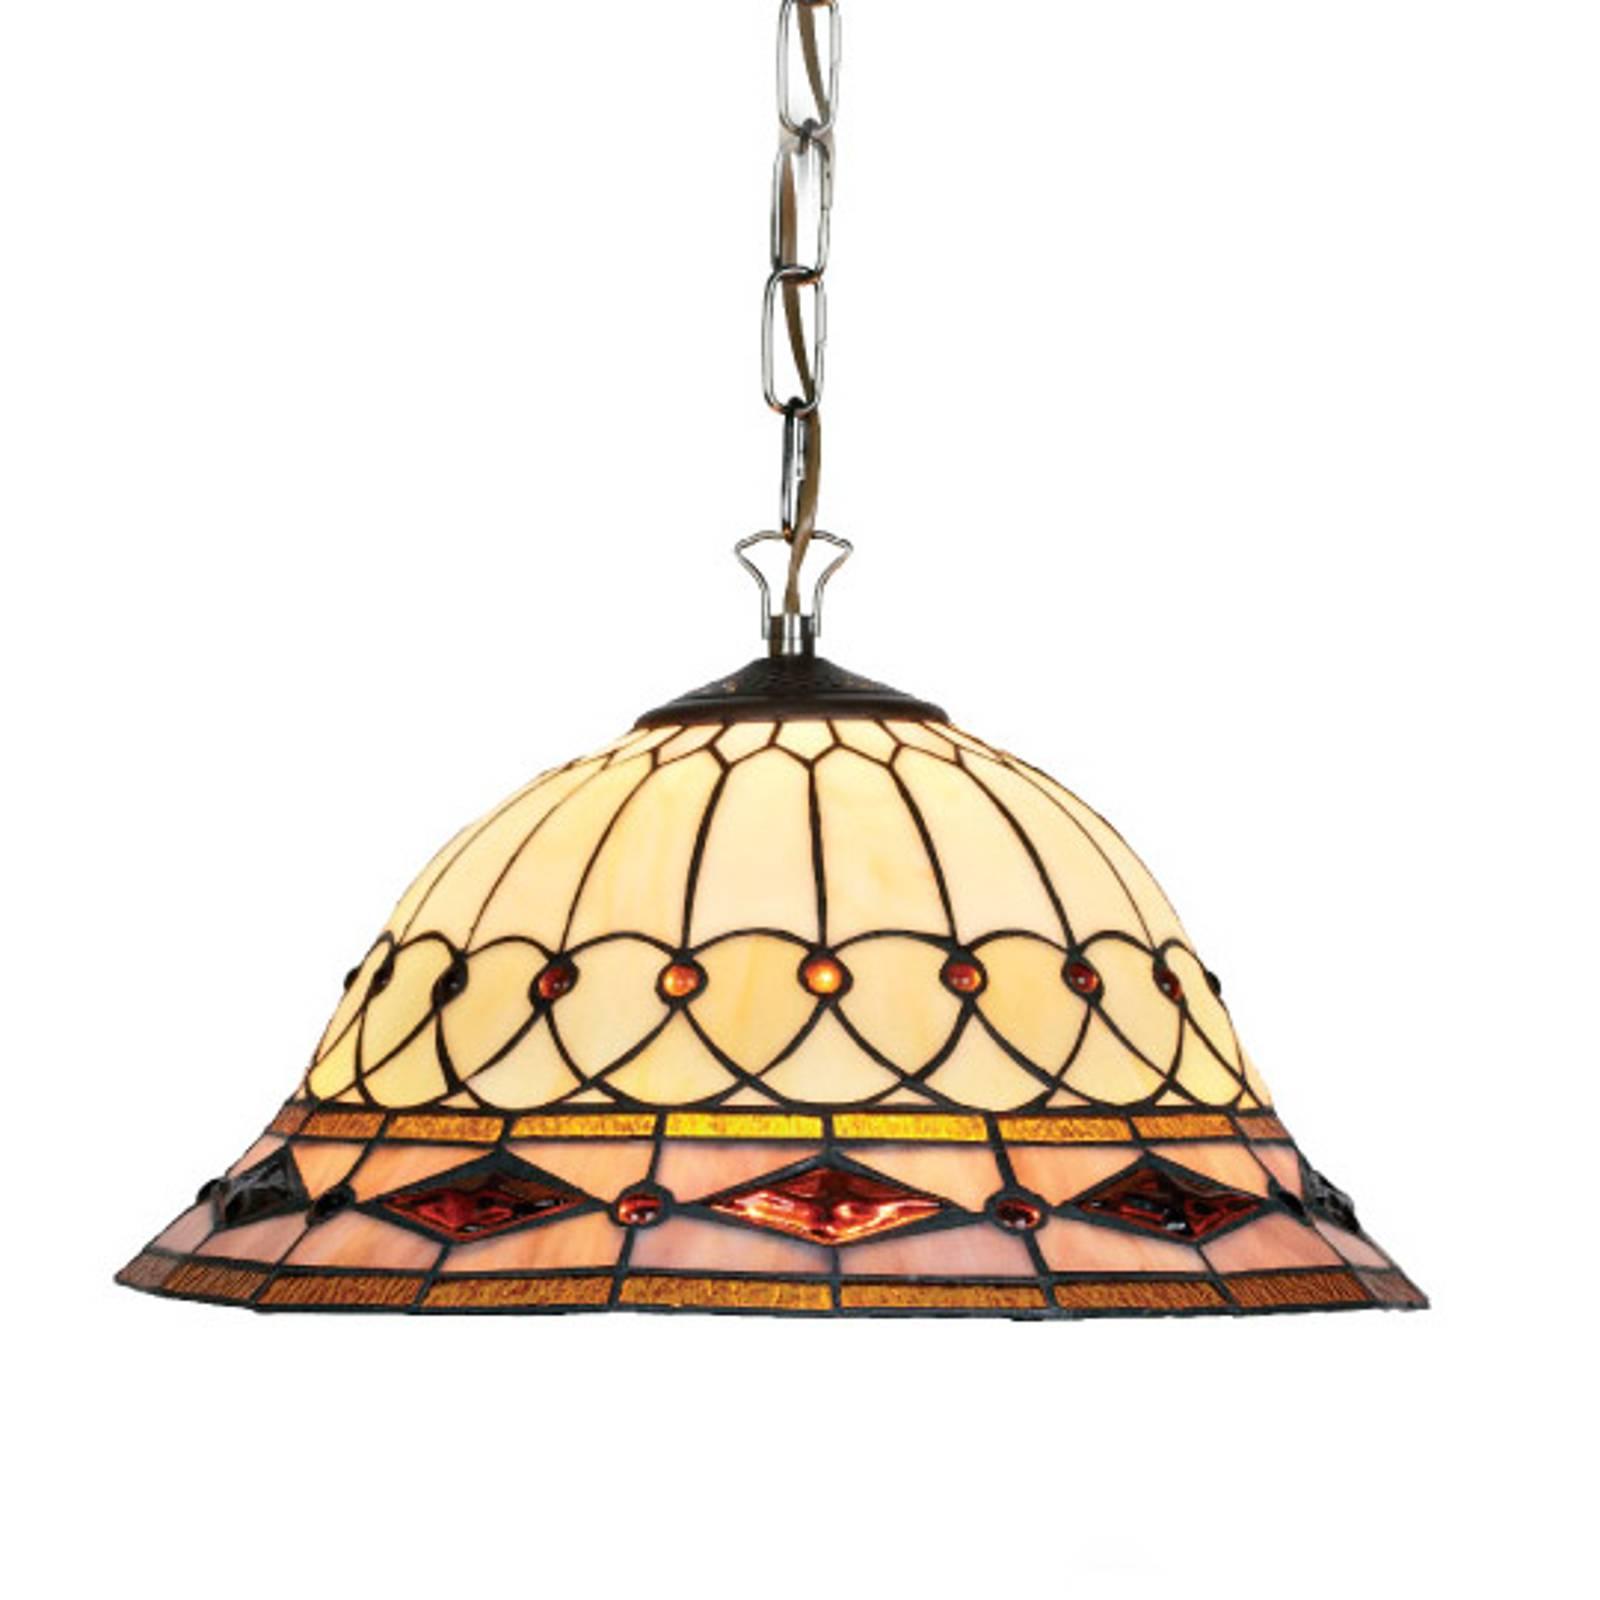 Lampen von artistar g nstig online kaufen bei m bel garten for Lampen 2 flammig